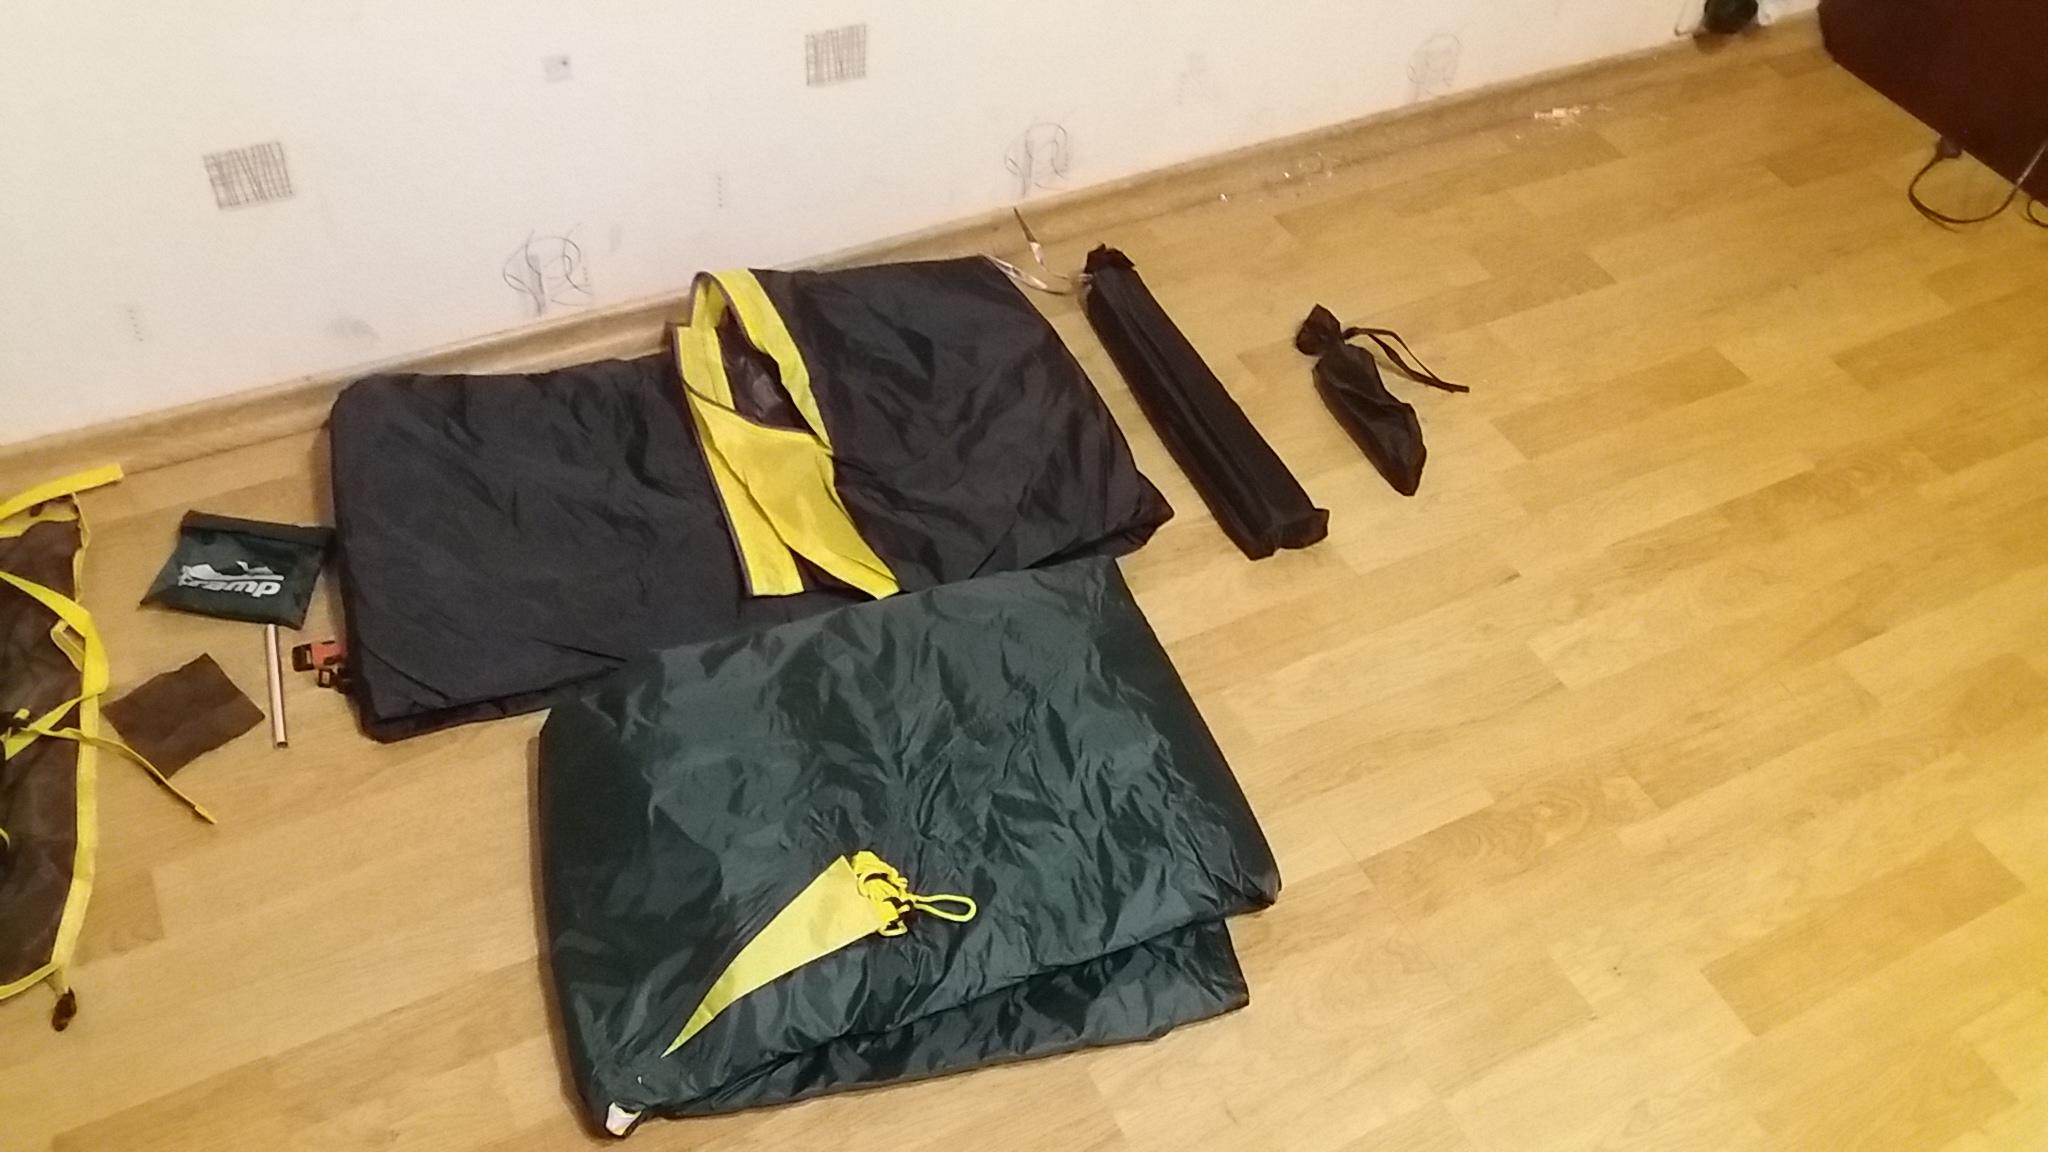 внутренняя палатка, внешний тент, дуги и колья